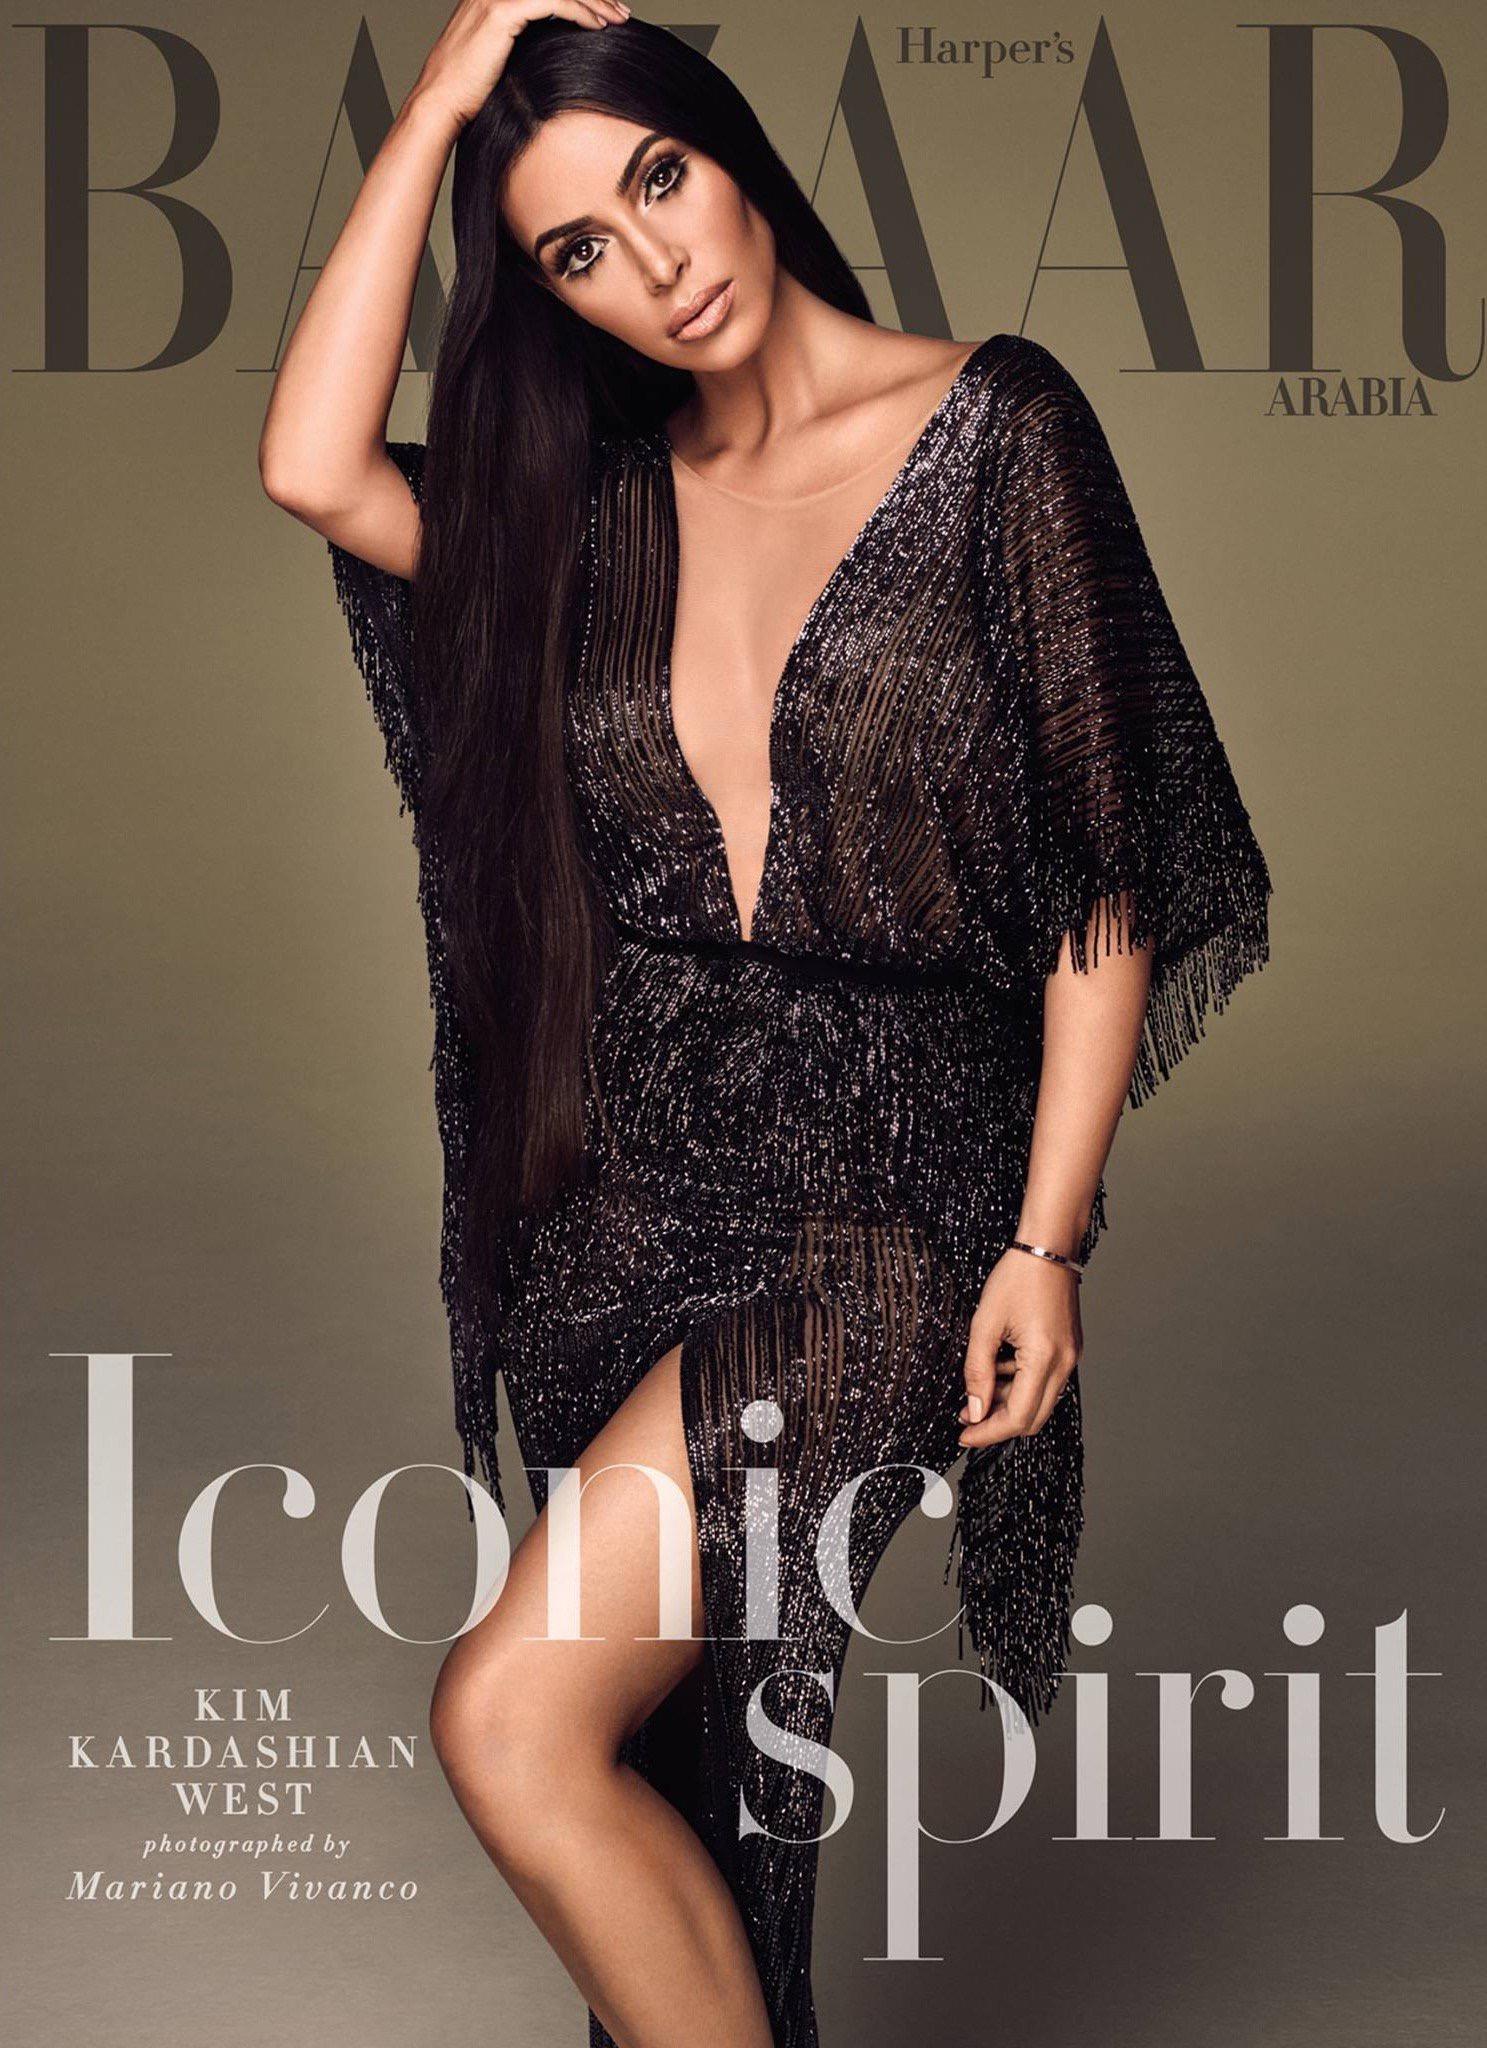 Kim Kardashian, Harper Bazaar